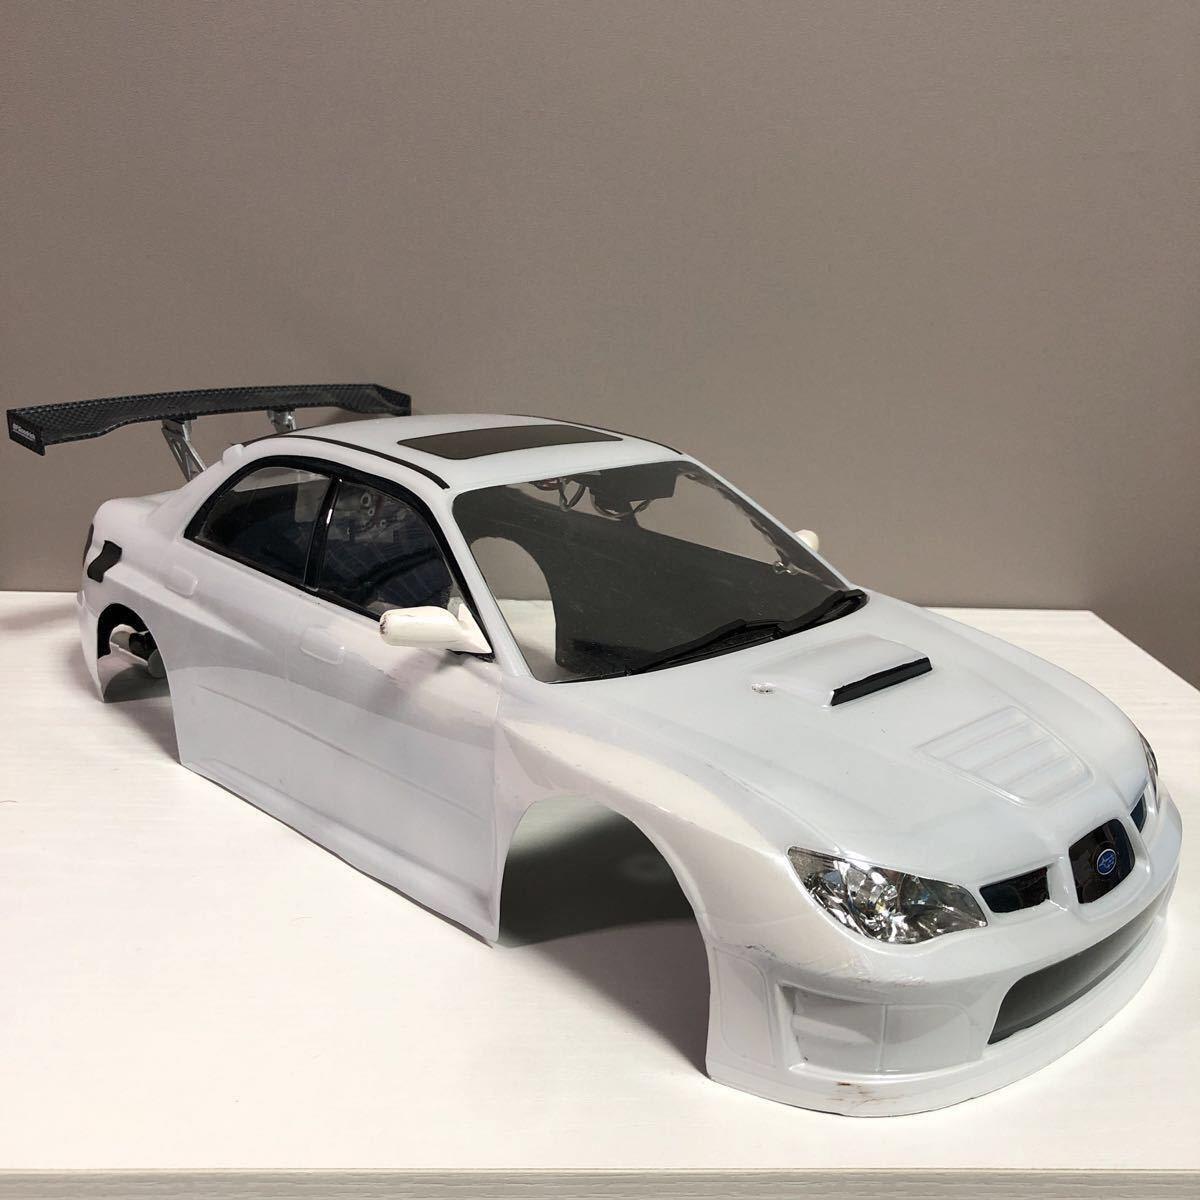 売切!1円スタート!タミヤ 1/10 電動RC ボディセット スバル インプレッサ WRC 塗装済 ジャンク 社外ウイング ライトユニット付_画像3